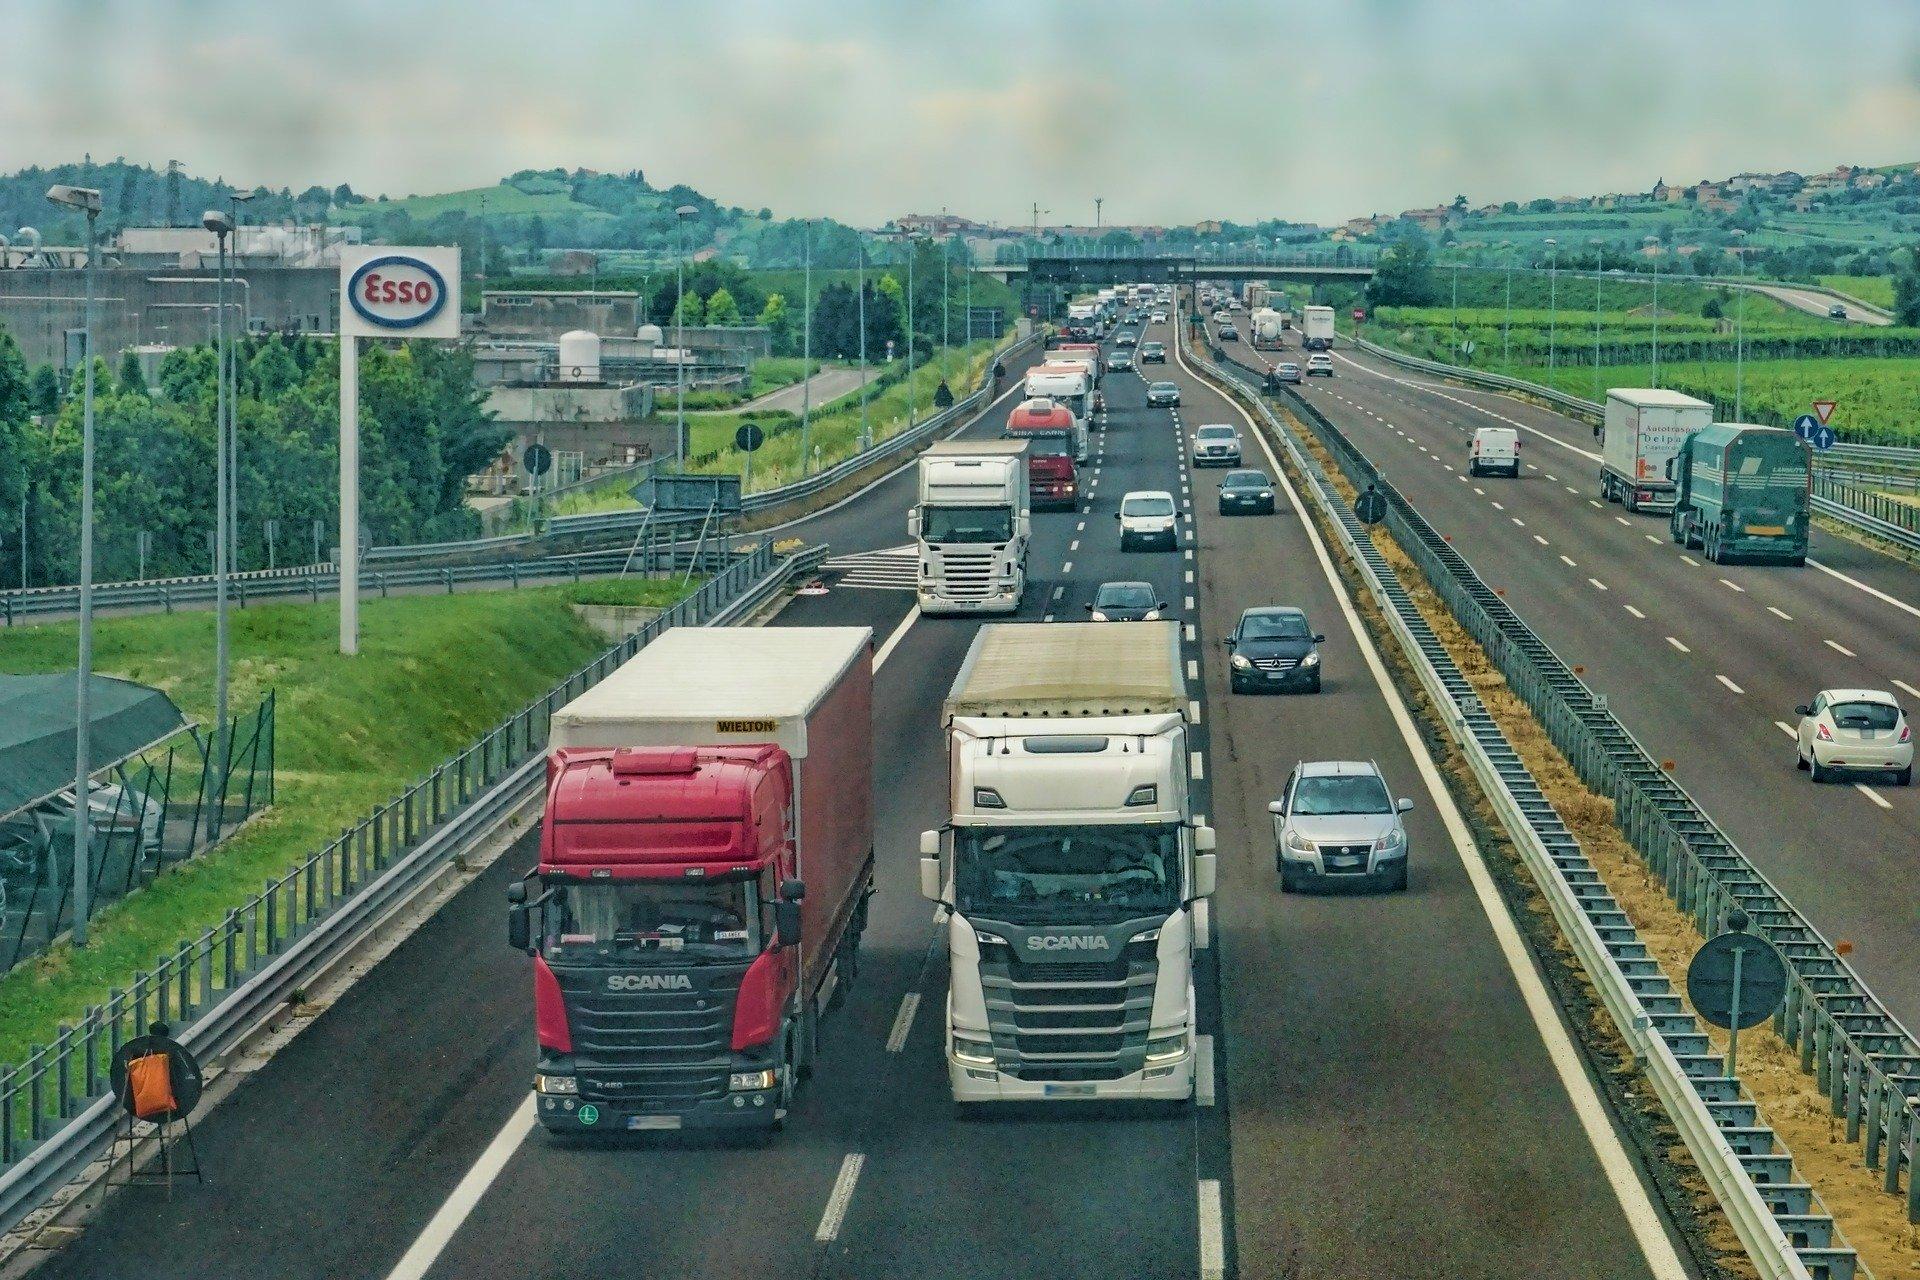 Localizzazione satellitare: è lecito installare GPS sulle auto aziendali?